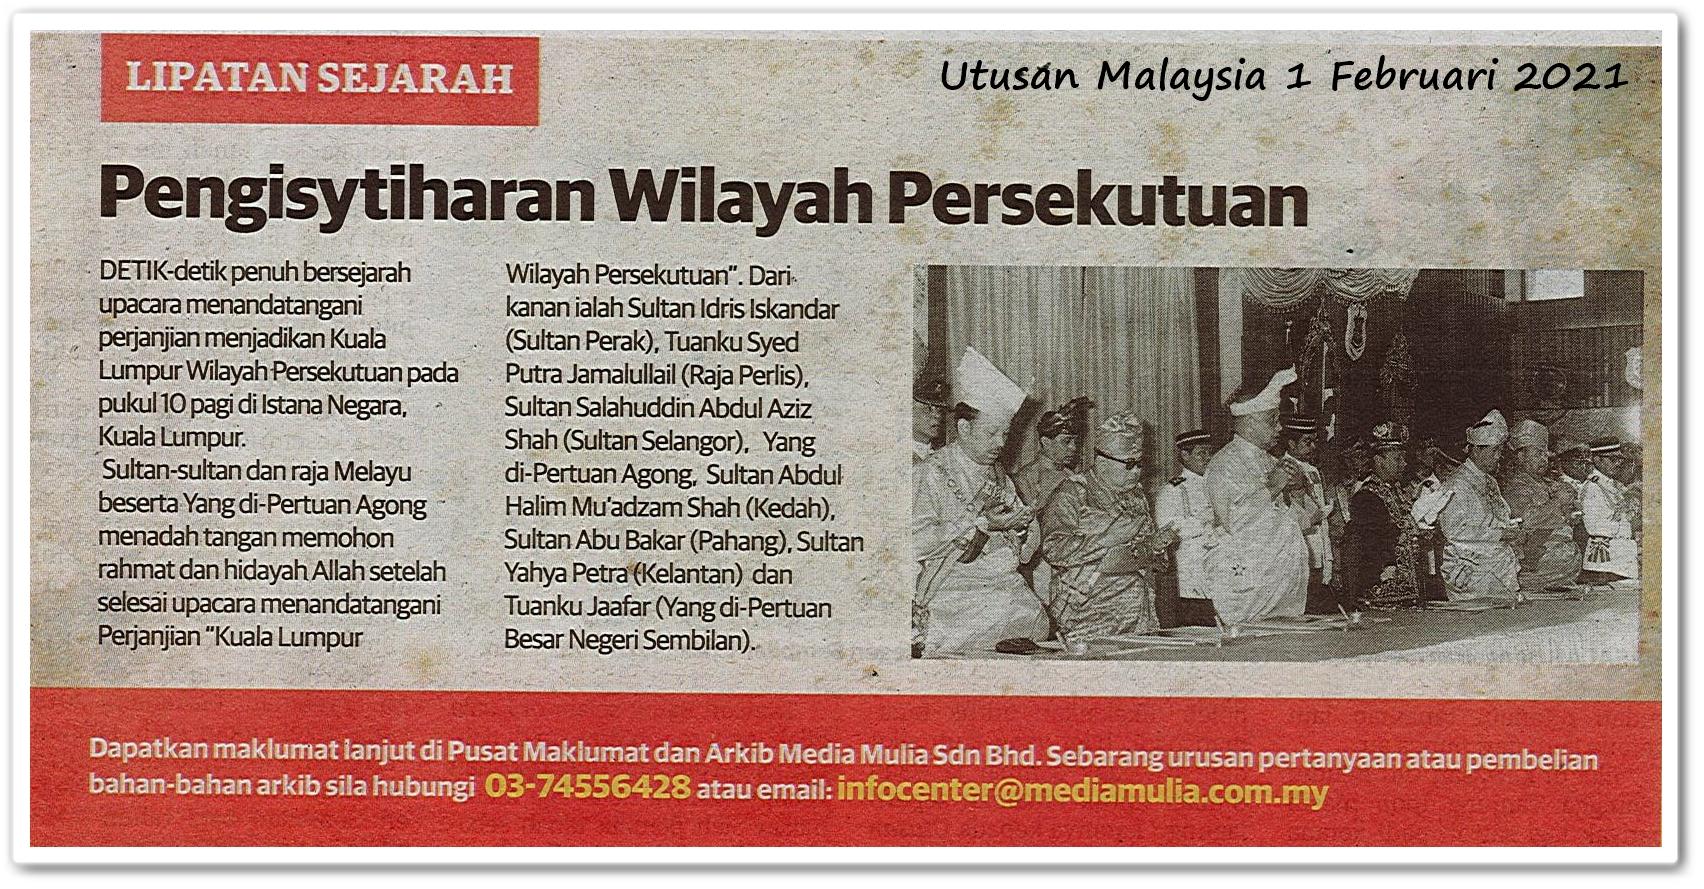 Lipatan sejarah ; Pengisytiharan Wilayah Persekutuan - Keratan akhbar Utusan Malaysia 1 Februari 2021